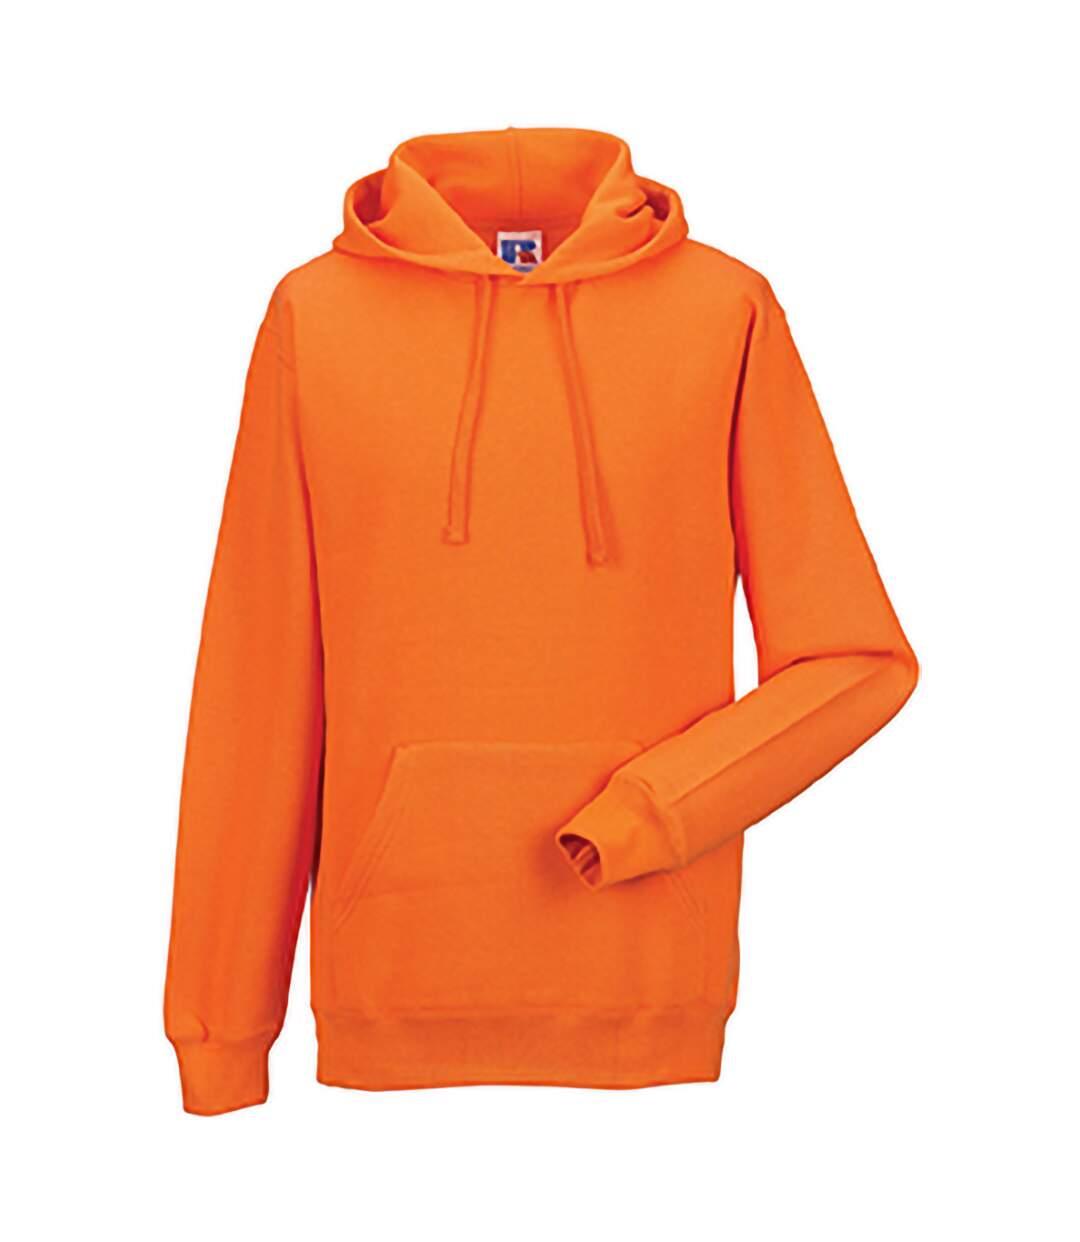 Russell Colour Mens Hooded Sweatshirt / Hoodie (Purple) - UTBC568